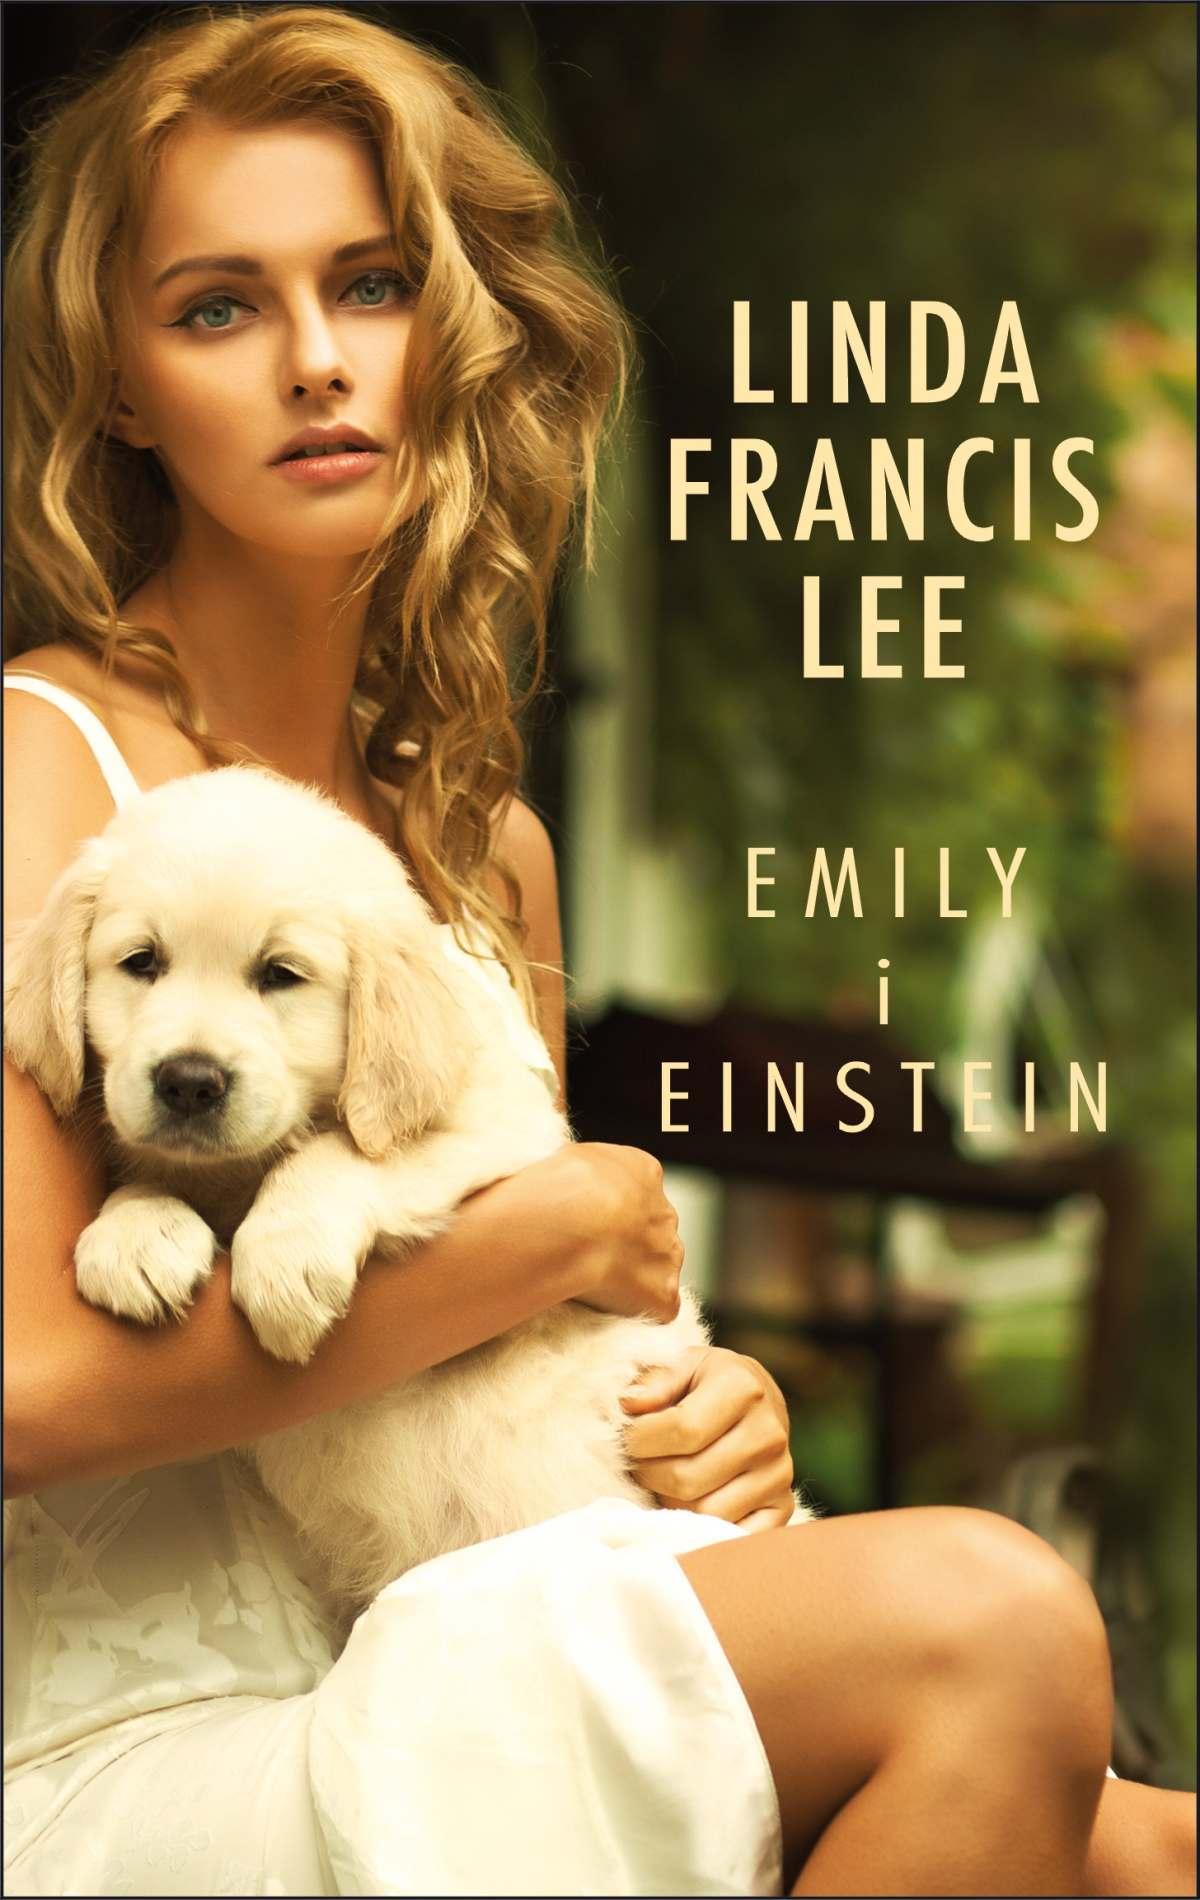 Emily i Einstein - Ebook (Książka EPUB) do pobrania w formacie EPUB